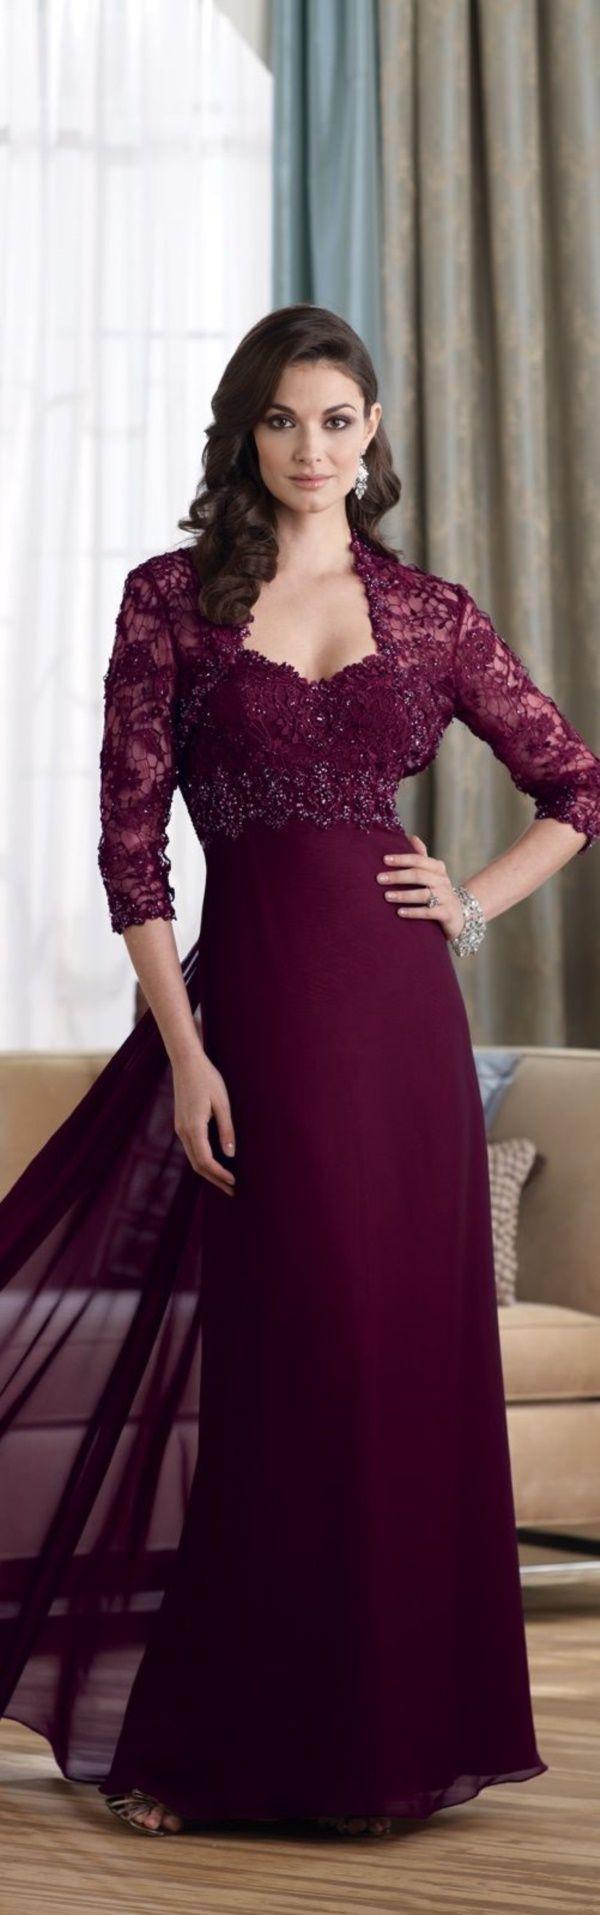 Wein Farbe Outfits zu bleiben Romantic Diese year0281